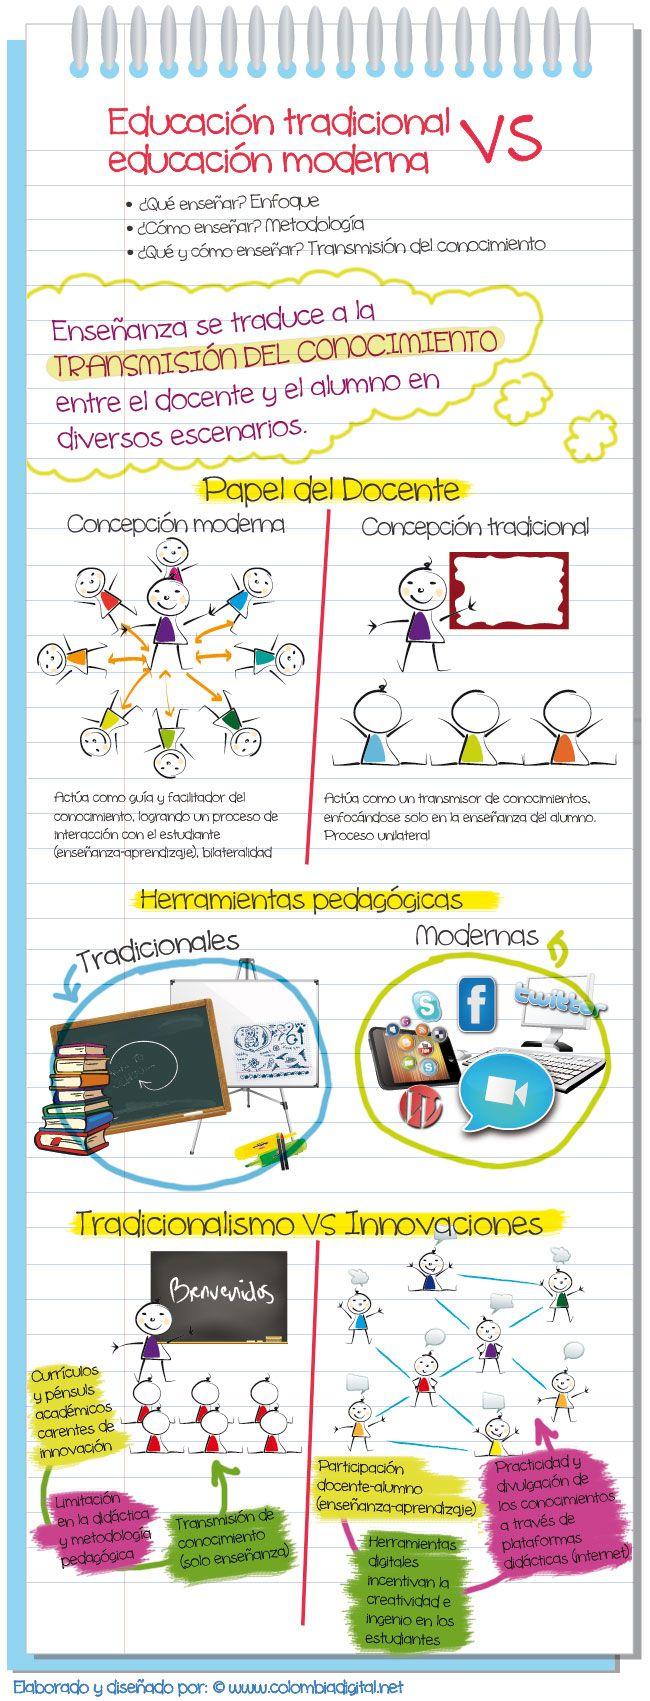 EDUCACIÓN TRADICIONAL VS EDUCACIÓN MODERNA. Imagen que permite visualizar algunas de sus principales diferencias. #etiqueta